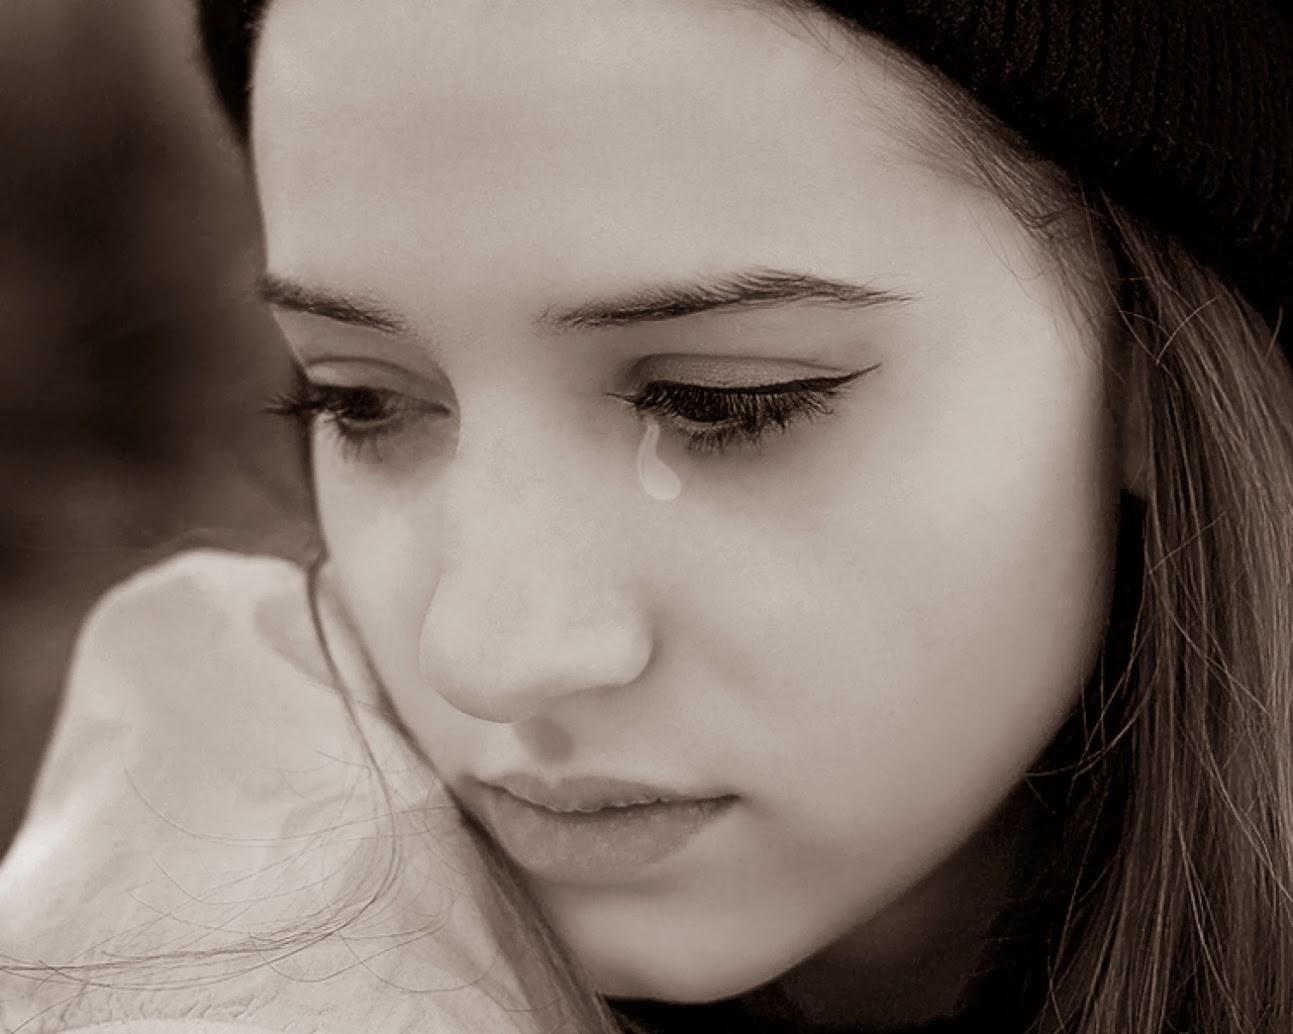 بالصور اجمل الصور الحزينة جدا , شاهد بالصور الوجع والالم 2036 7